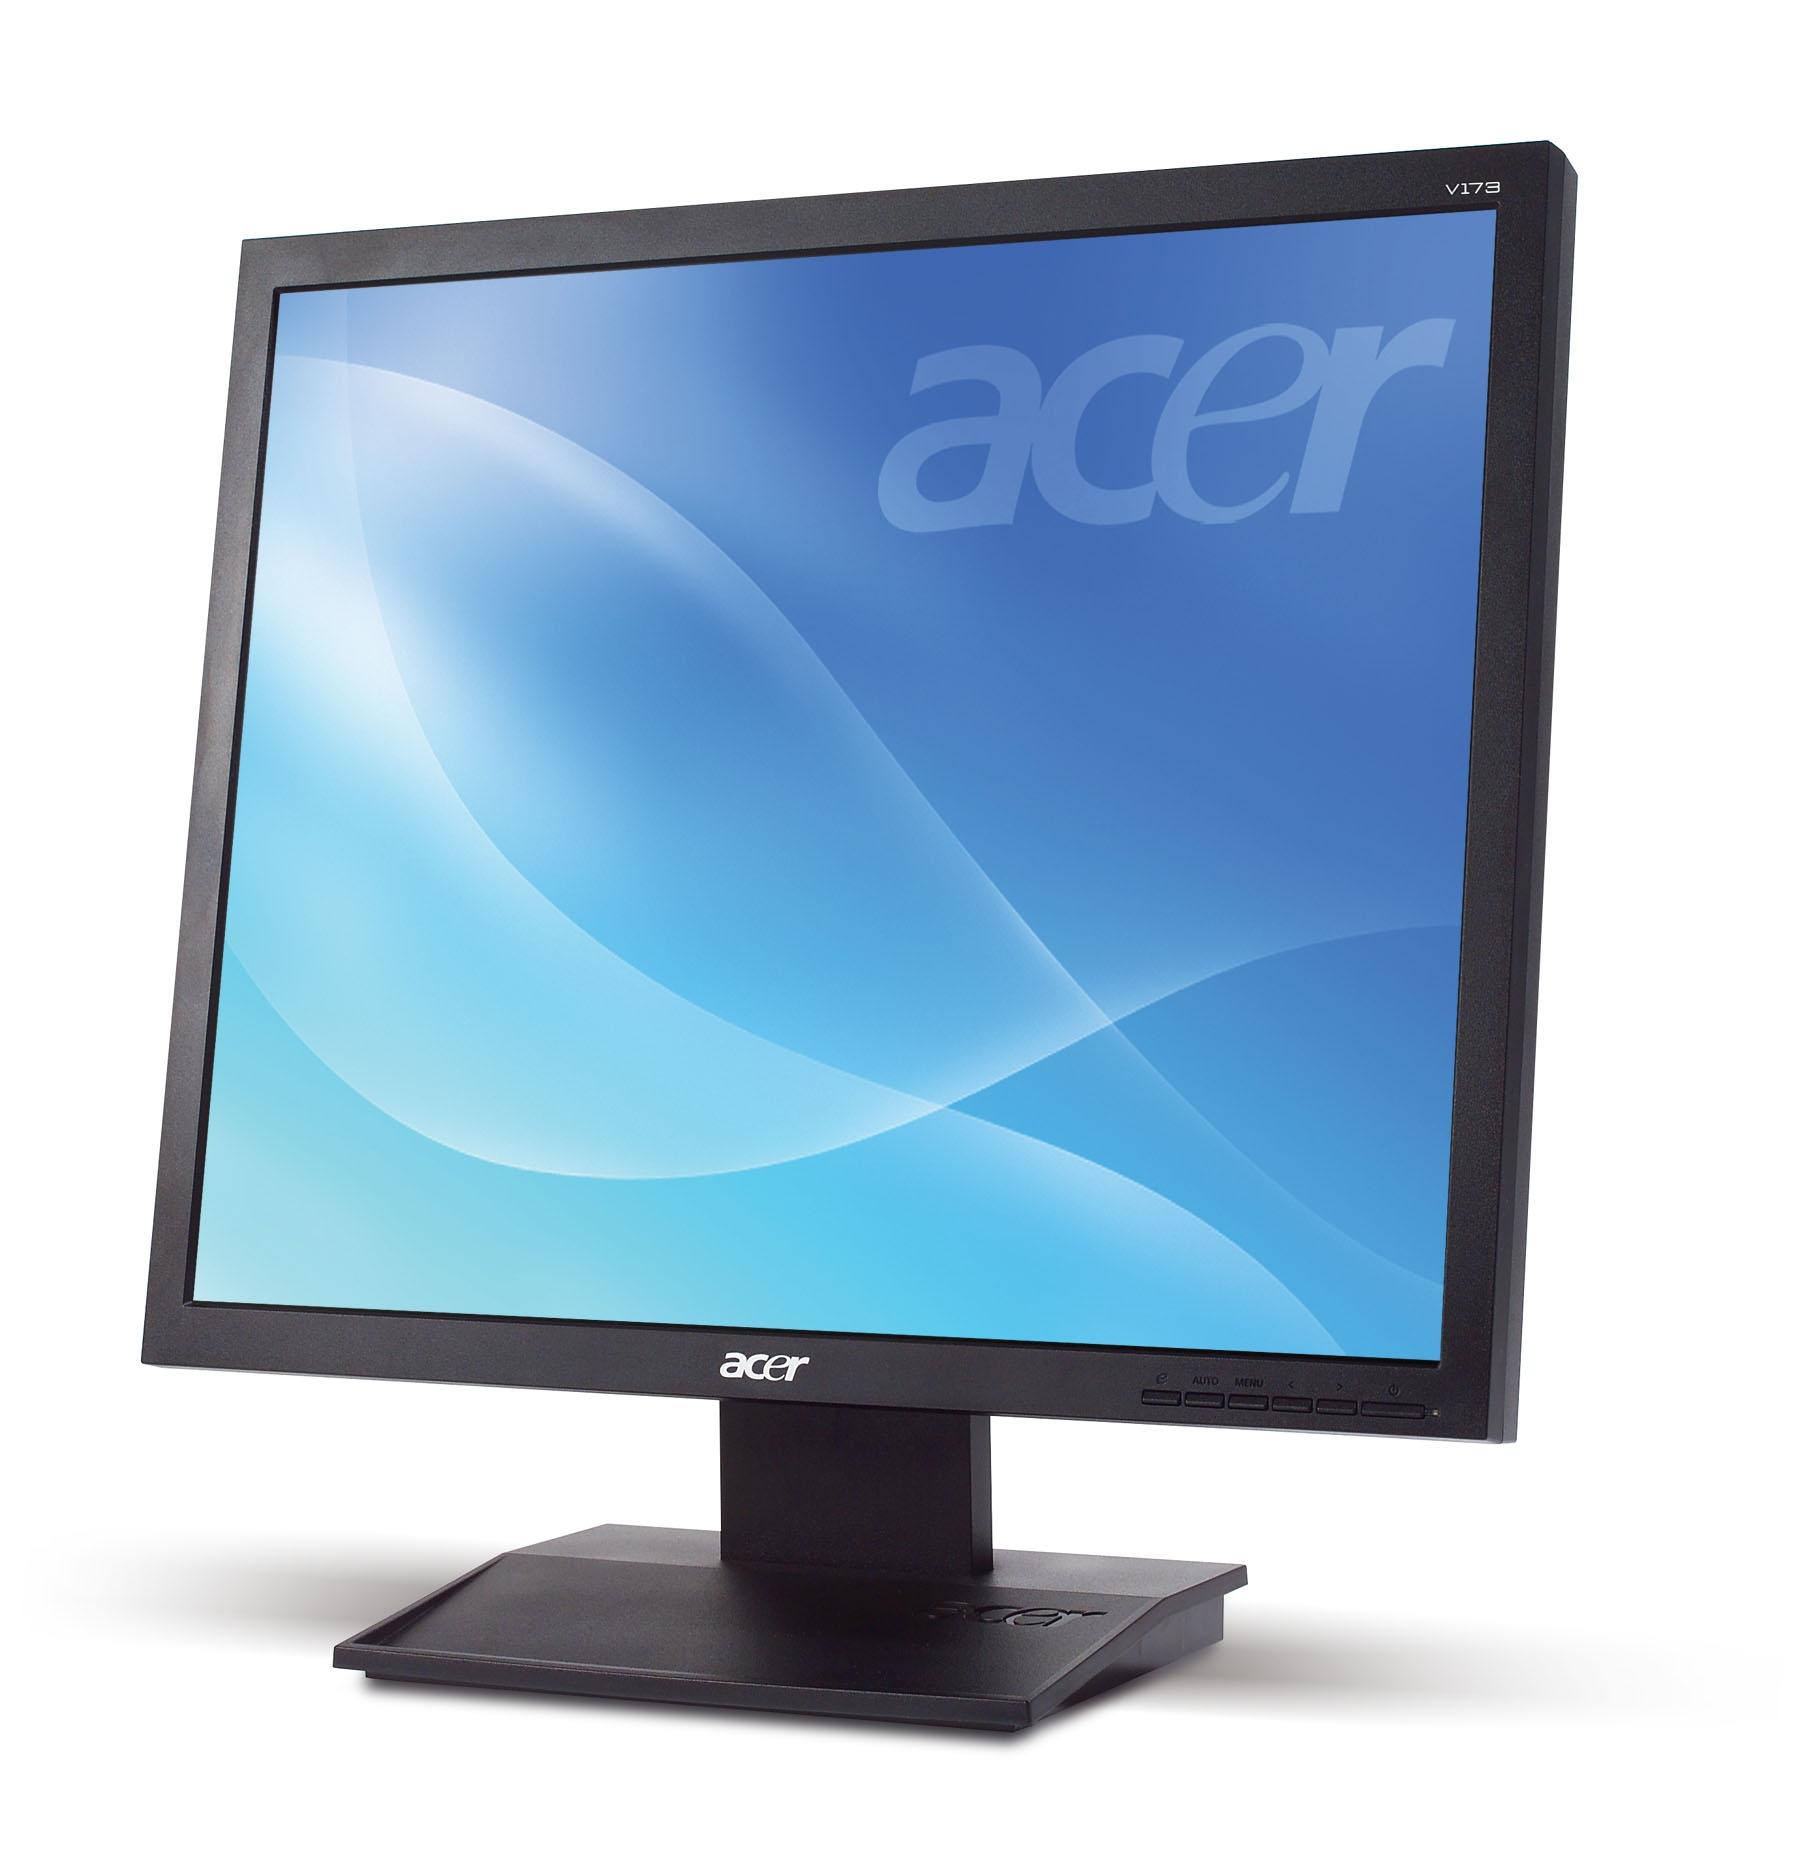 Acer V173-L